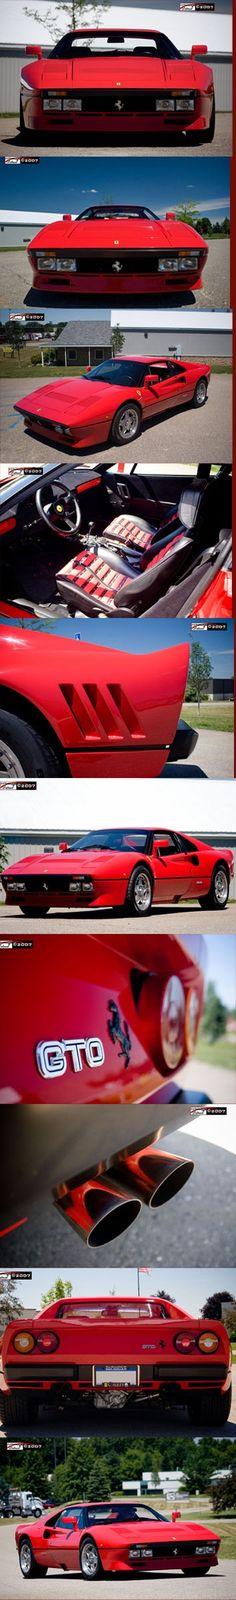 Ferrari 288 GTO #ferrari #italiandesign